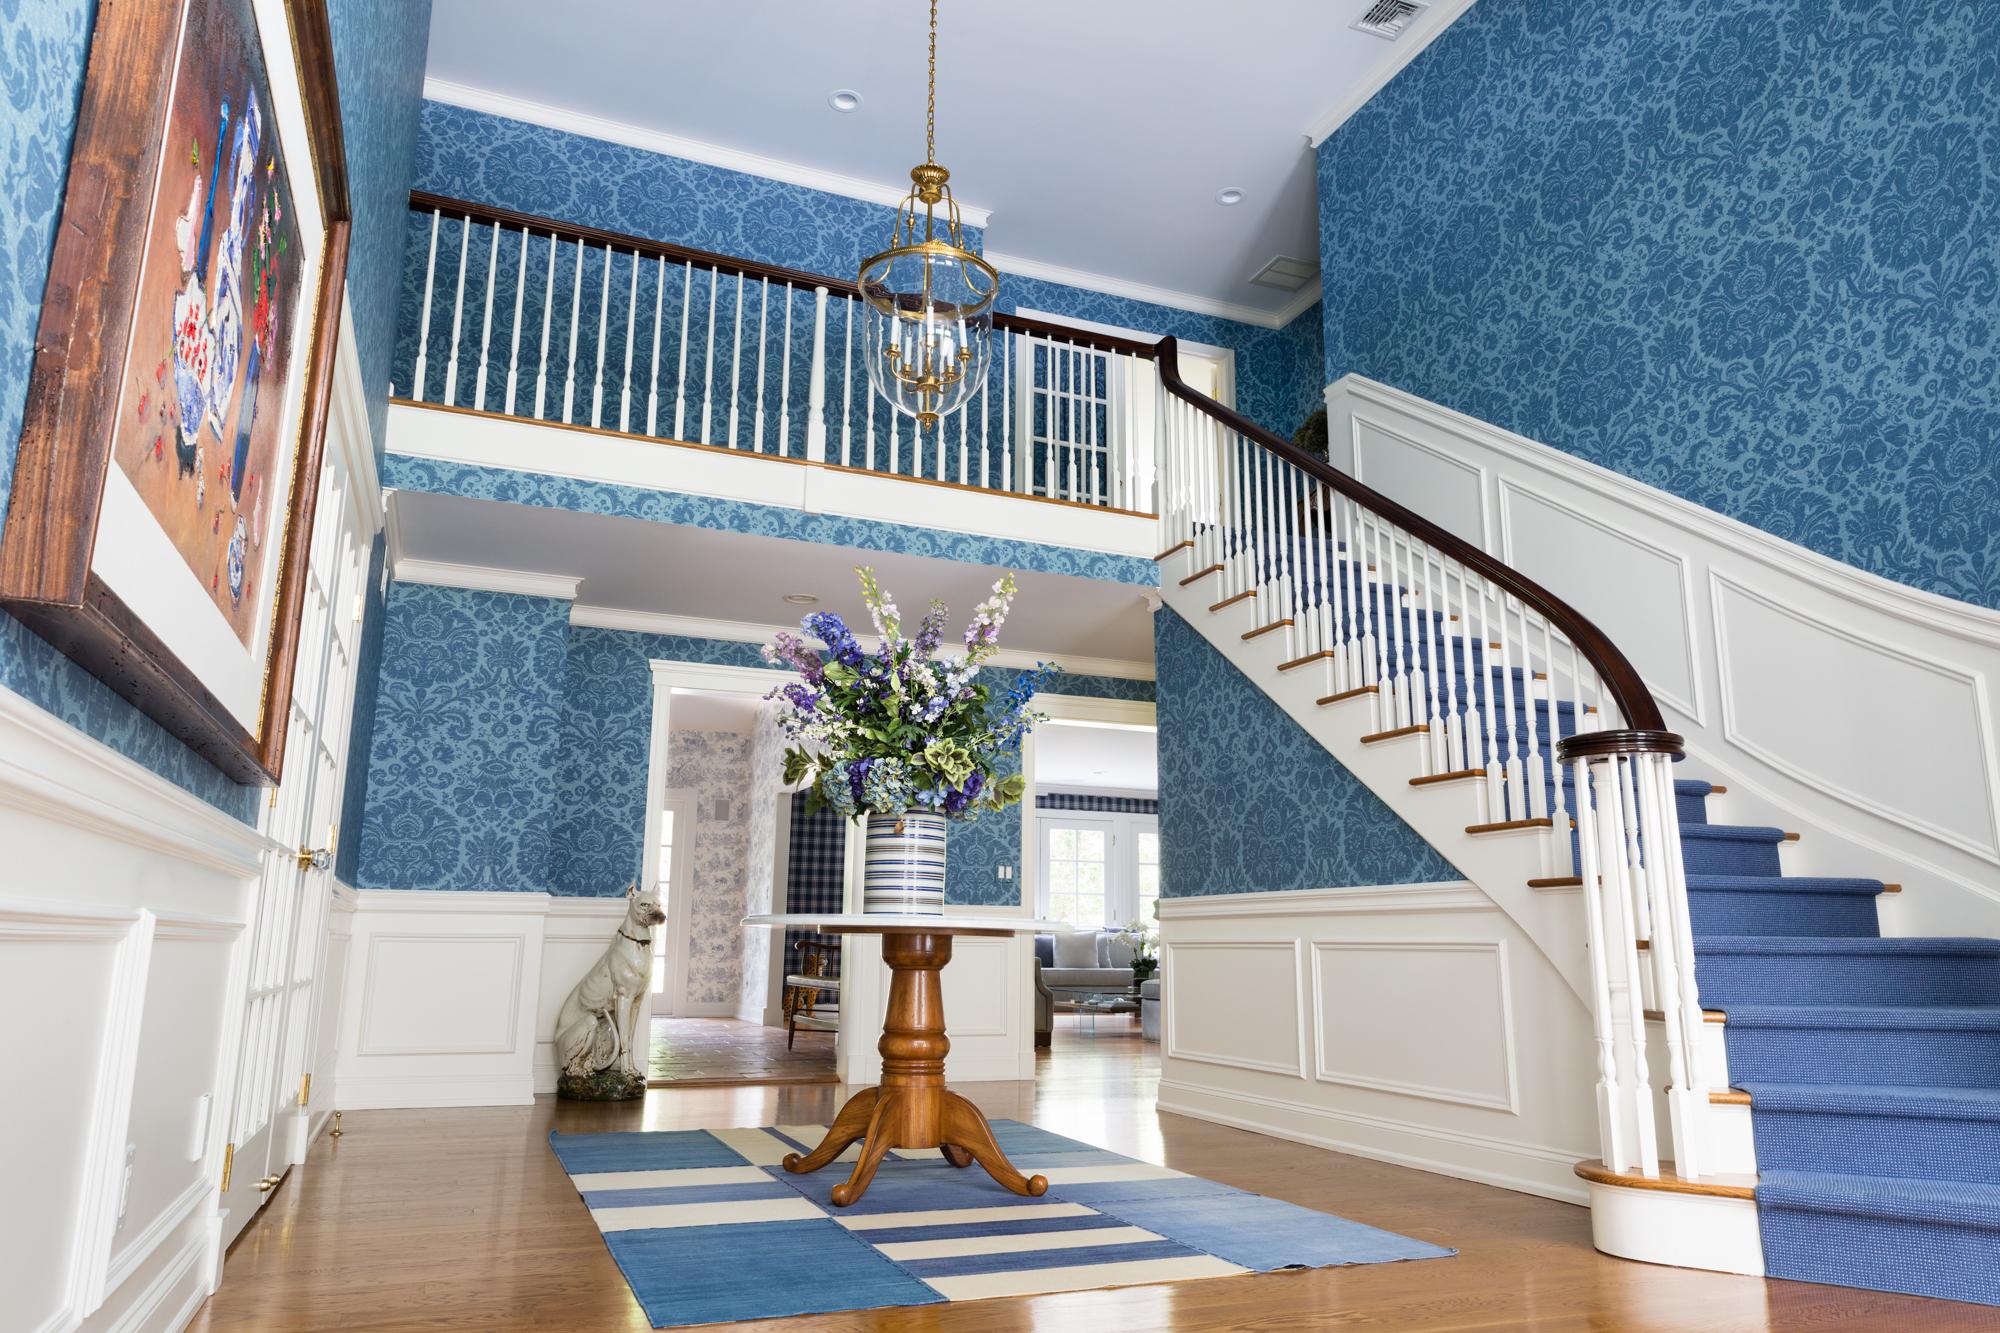 Interiors for website-54.jpg